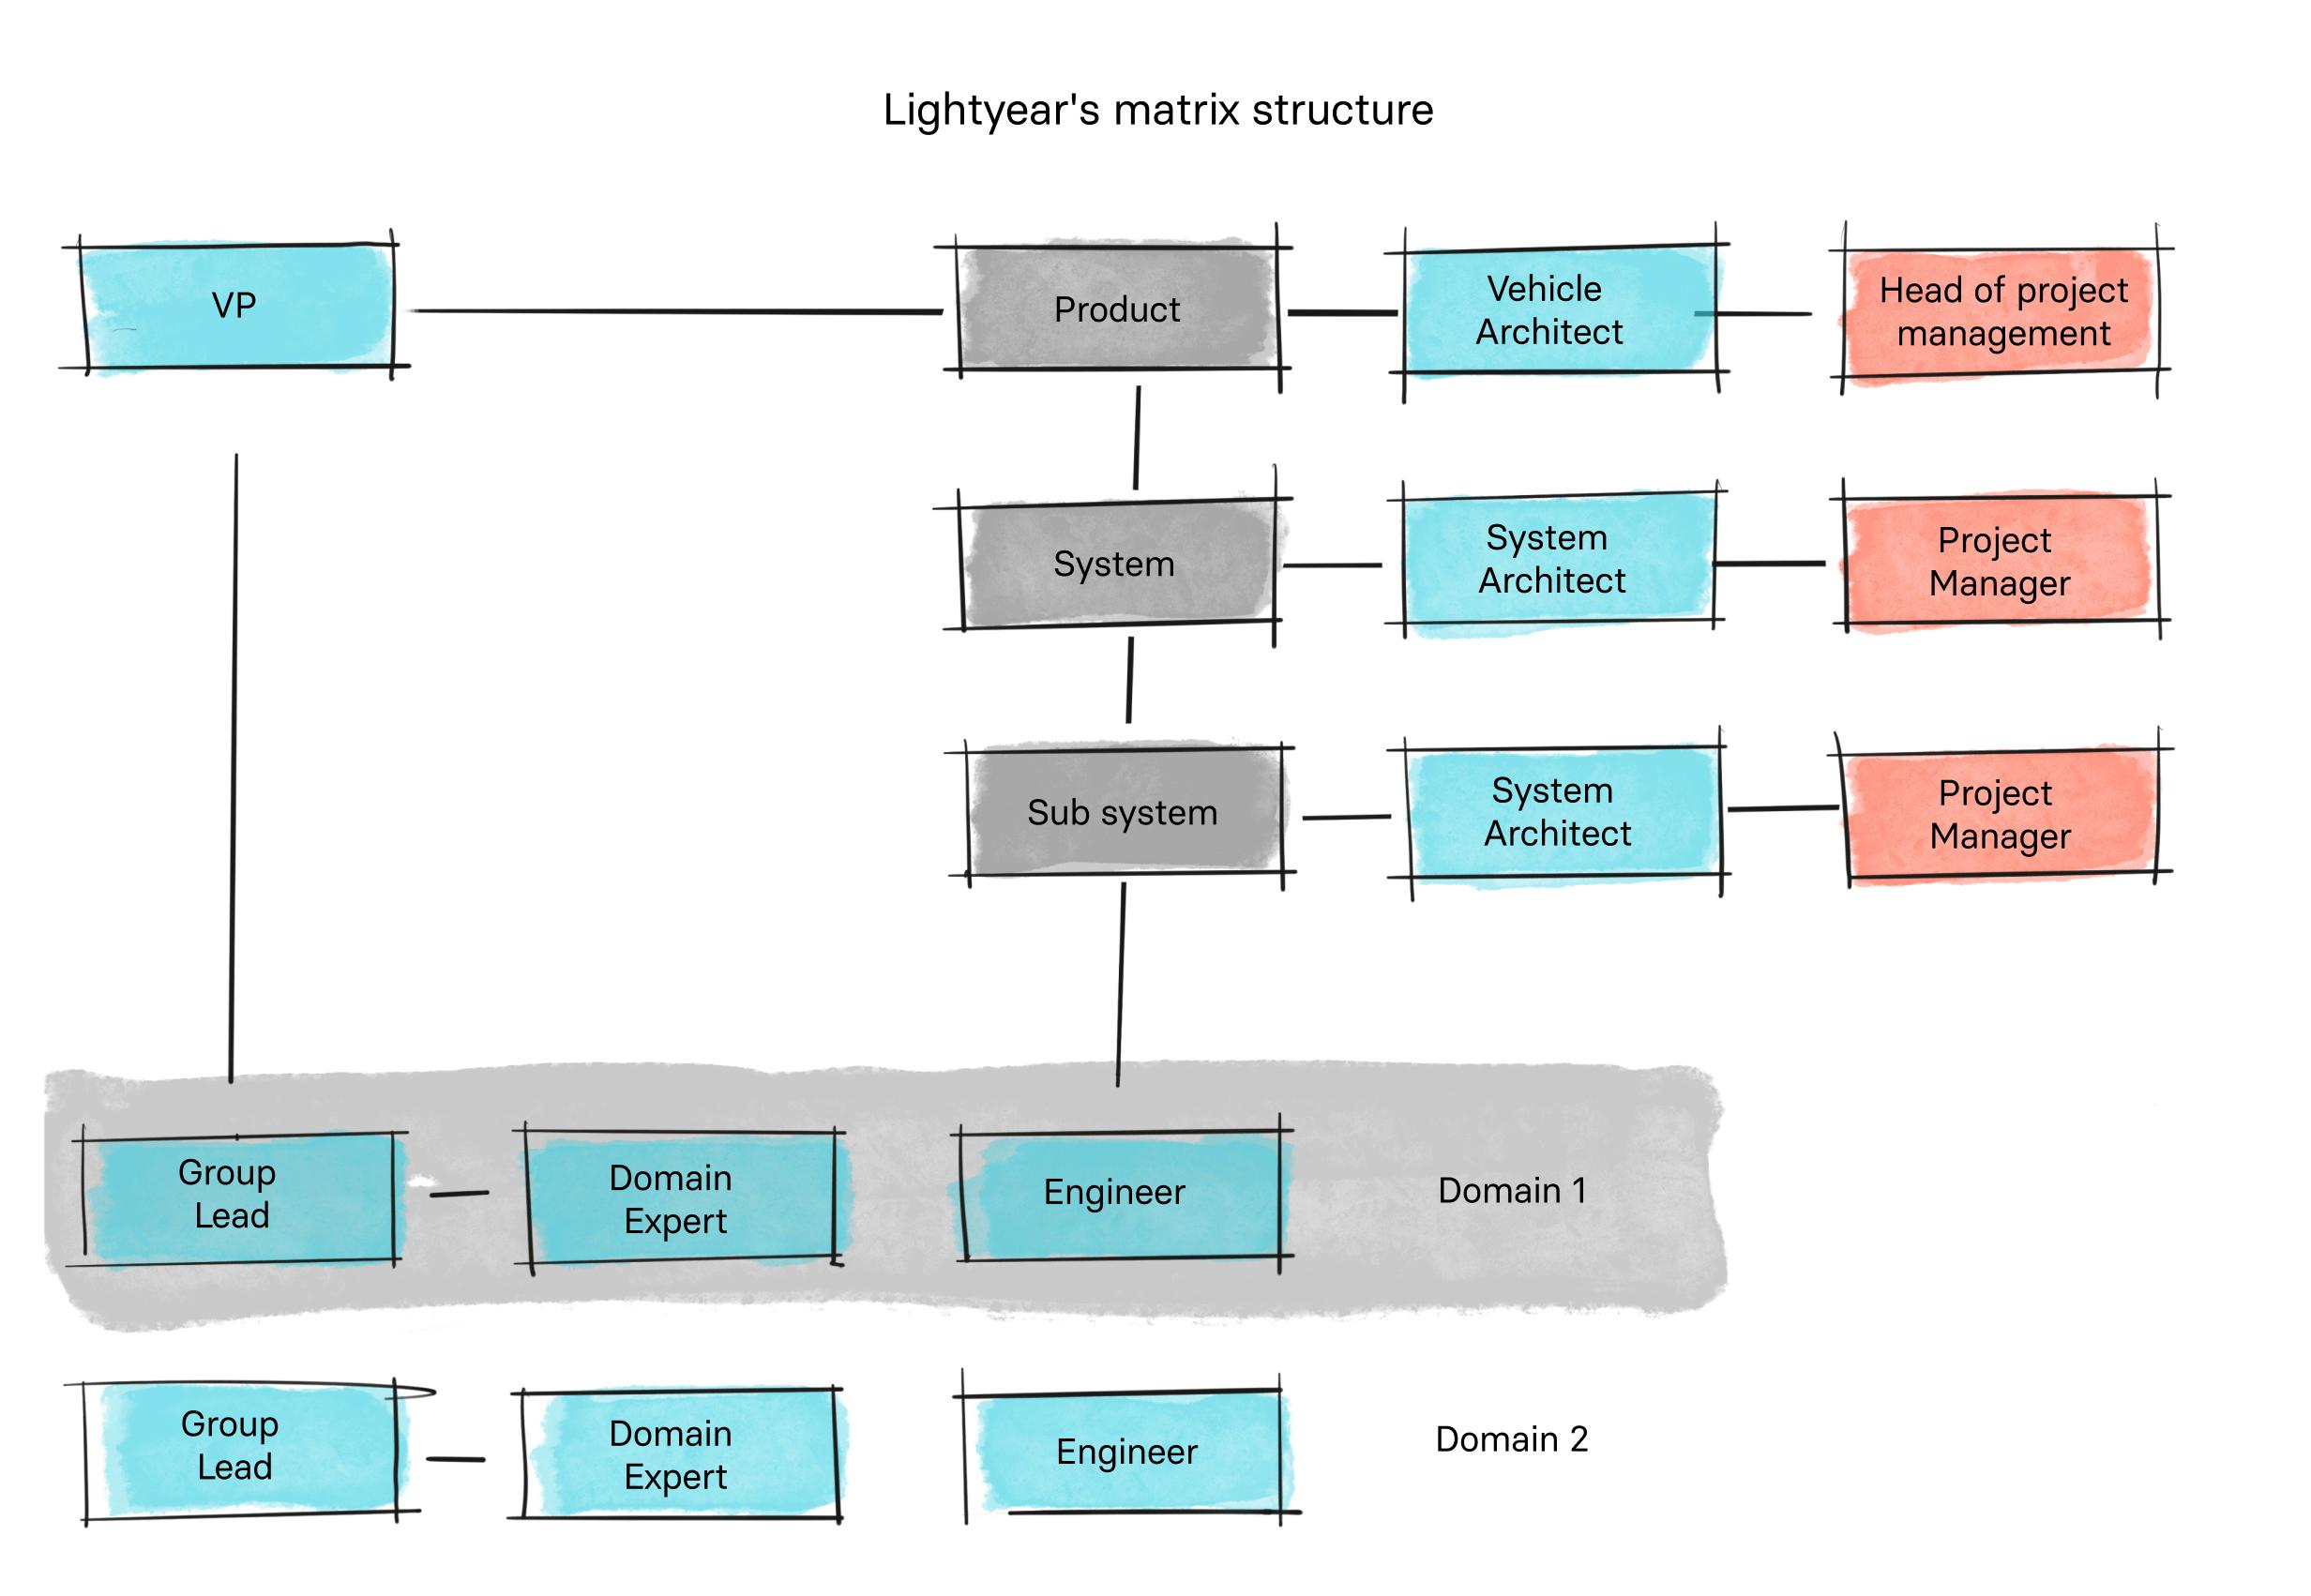 Lightyear's Matrix Structure